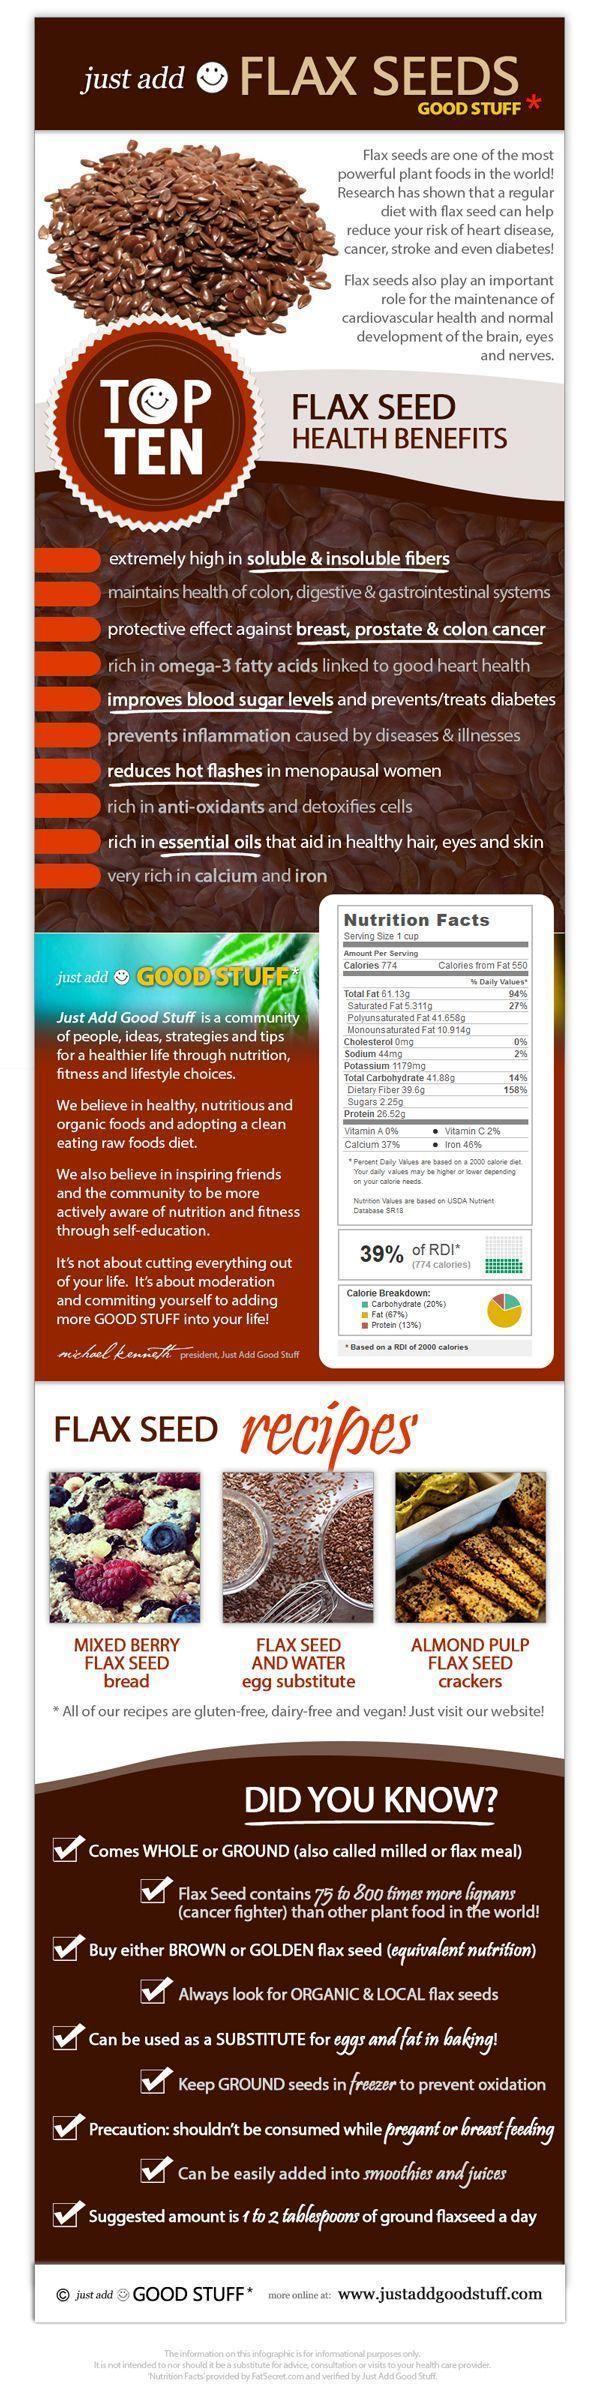 Top Ten Flaxseed Health Benefits